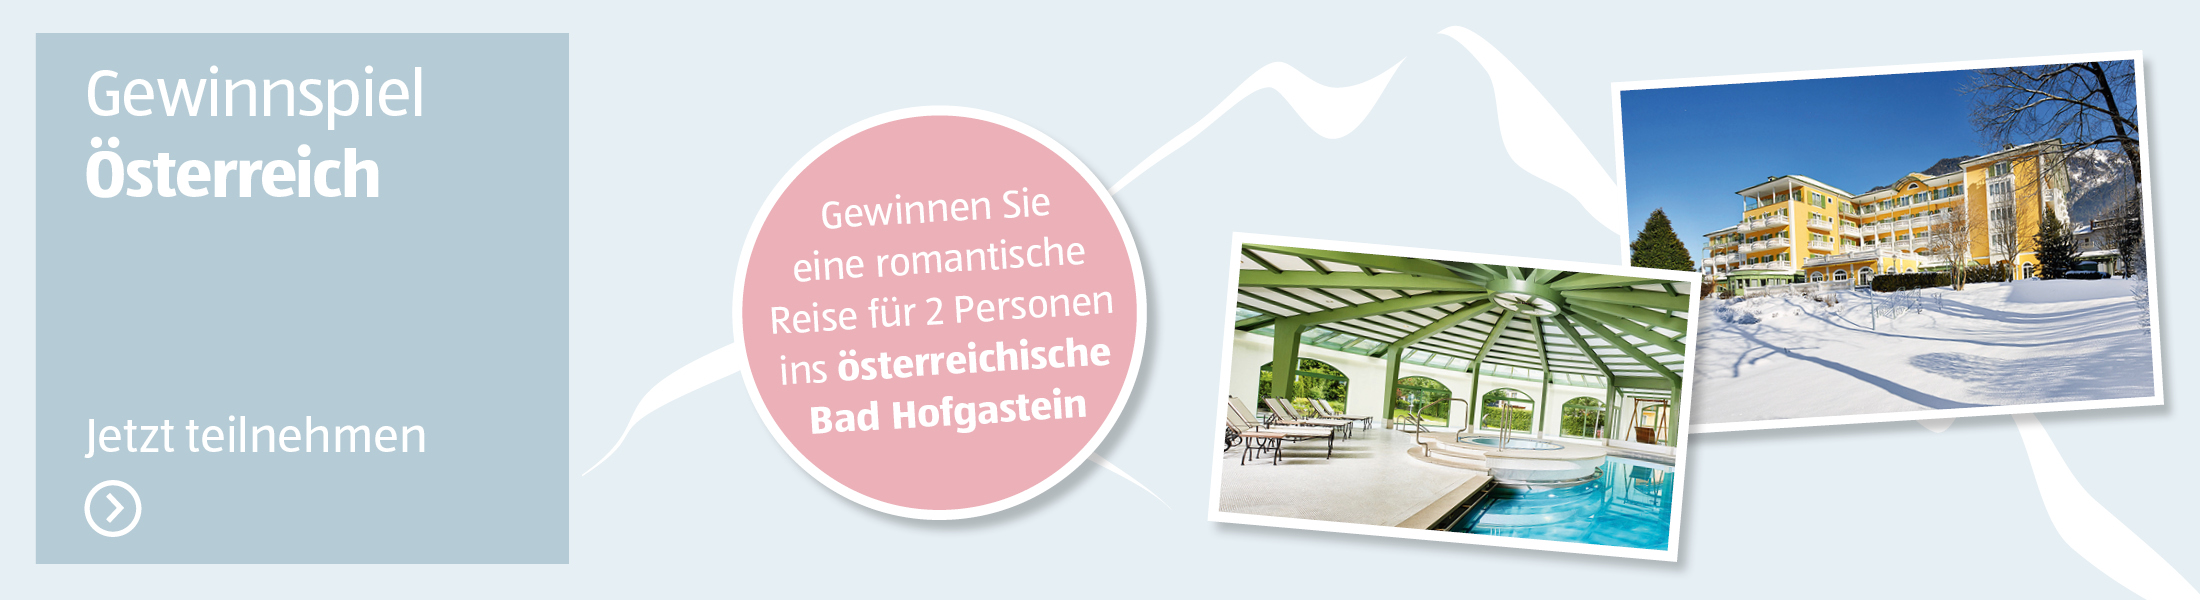 Gewinnspiel_Bad-Hofgastein_Header_2200x600px_RZ